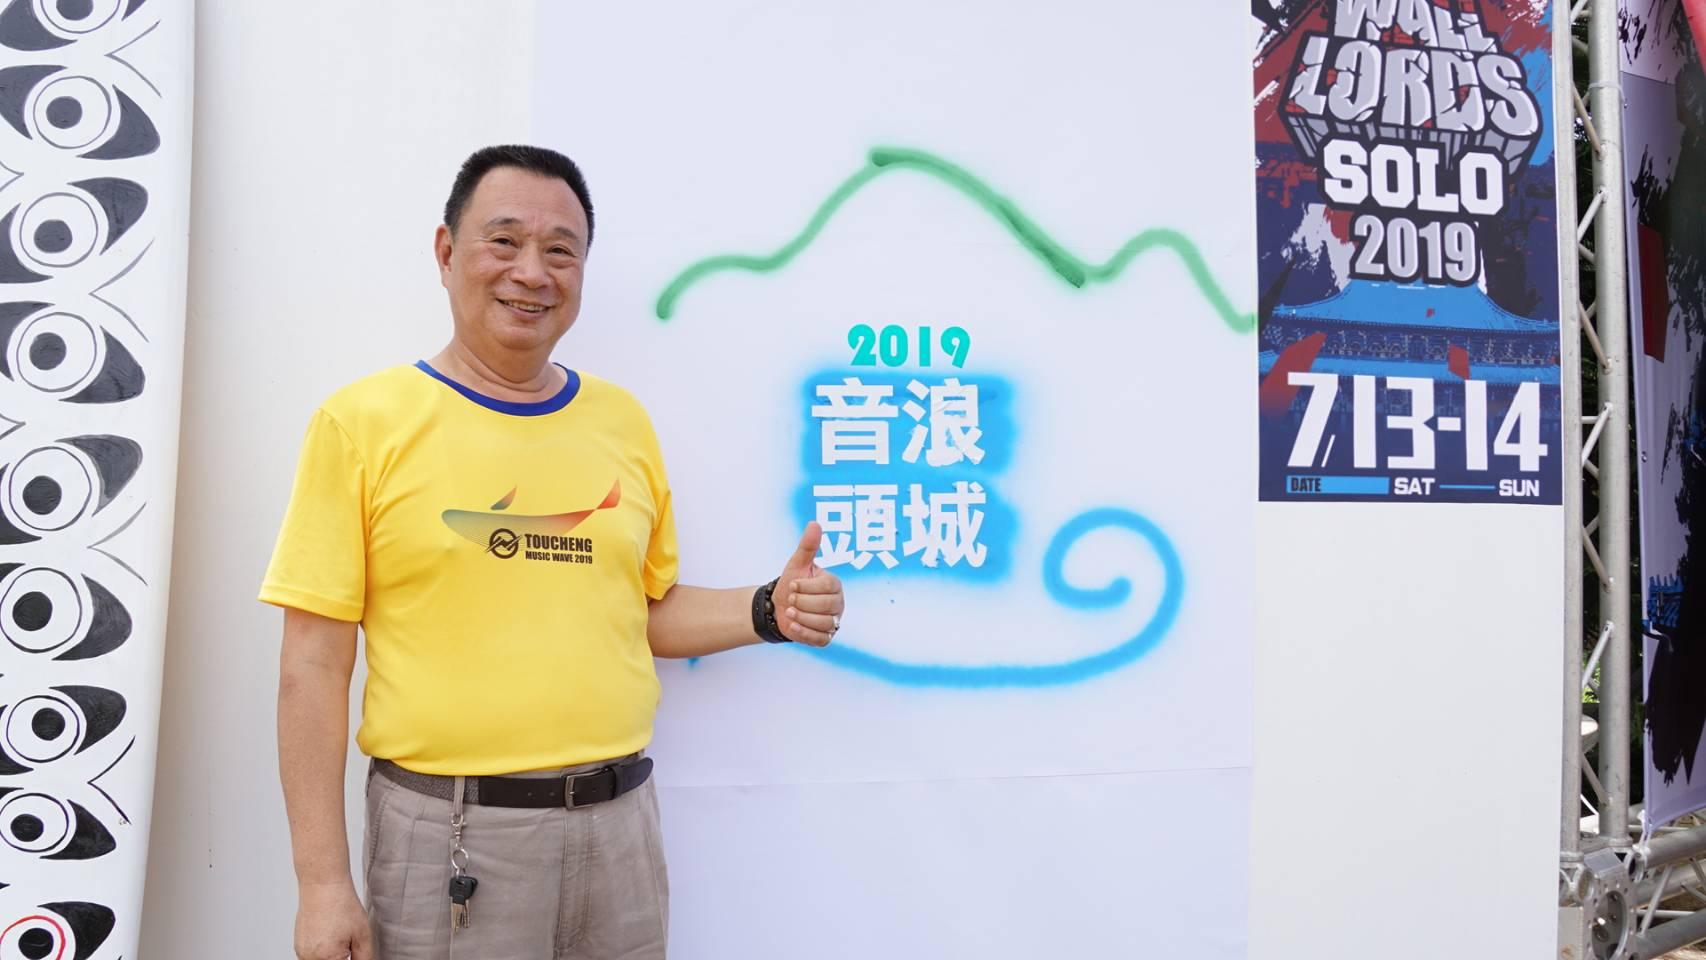 2019音浪頭城將於7/13、7/14兩天隆重登場